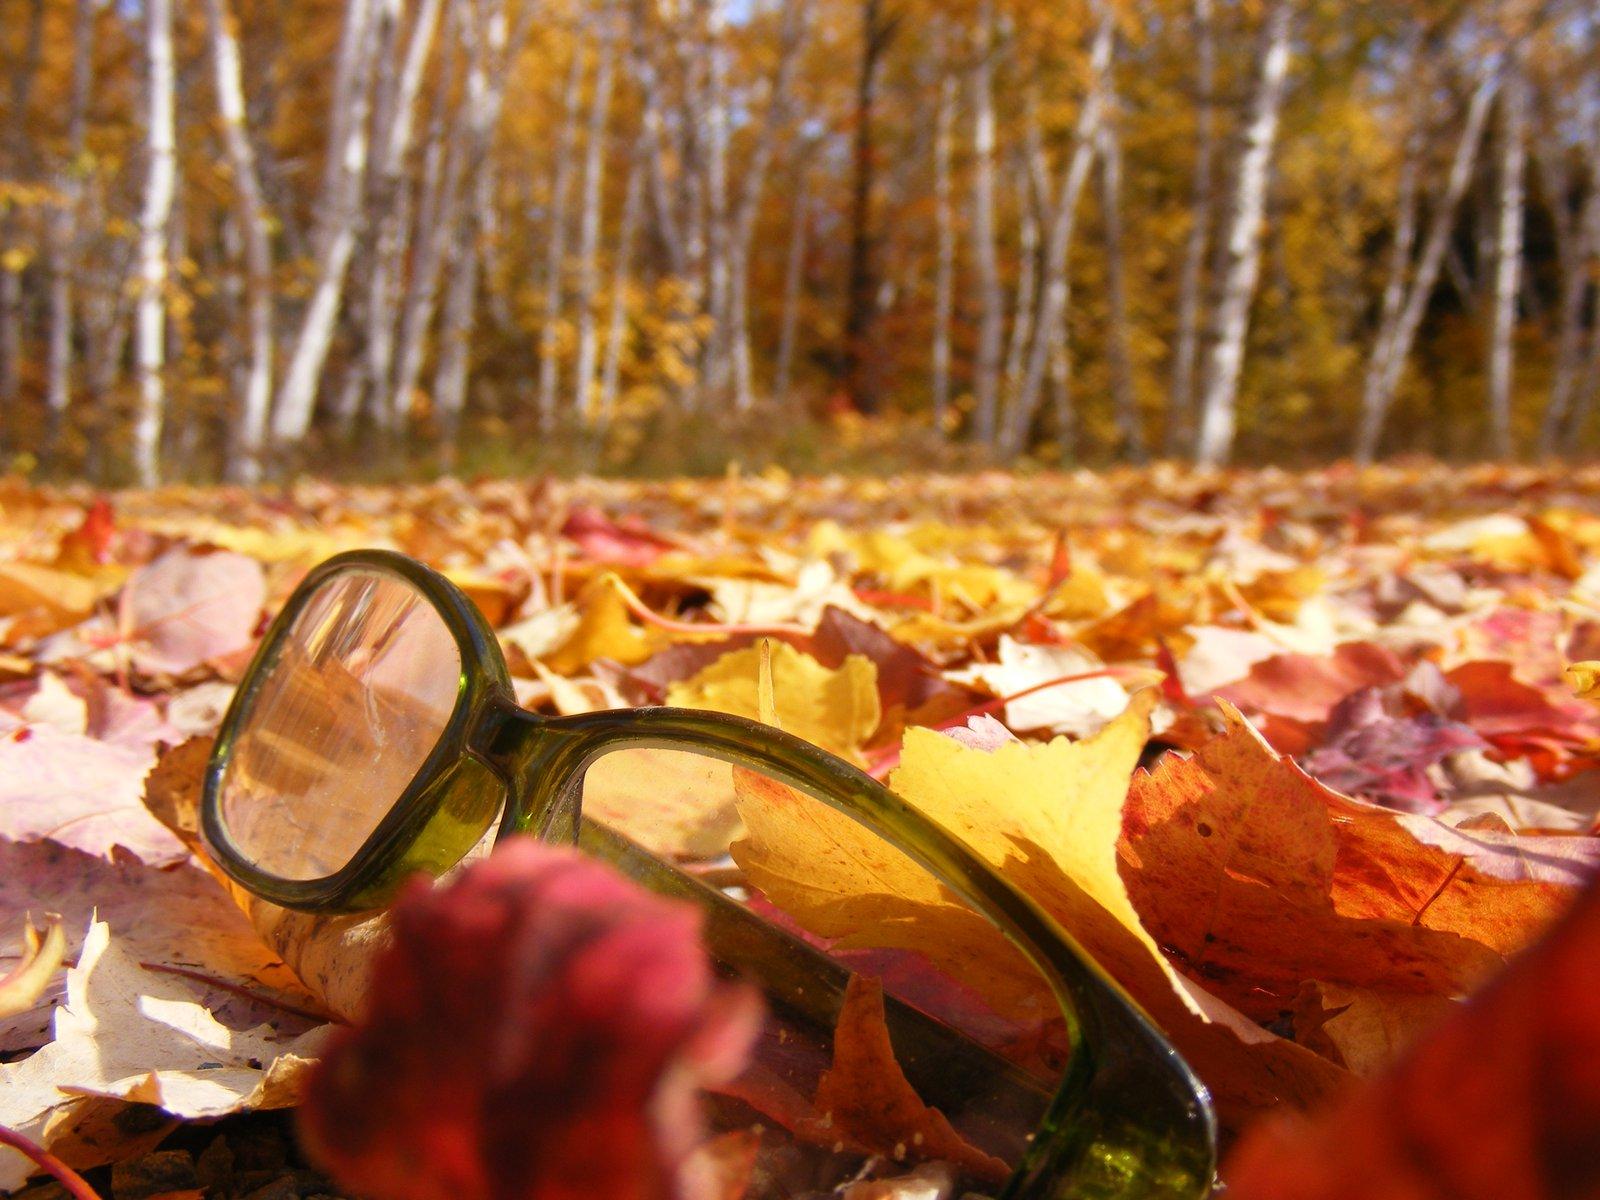 Broken glasses. fall colors. NIG?